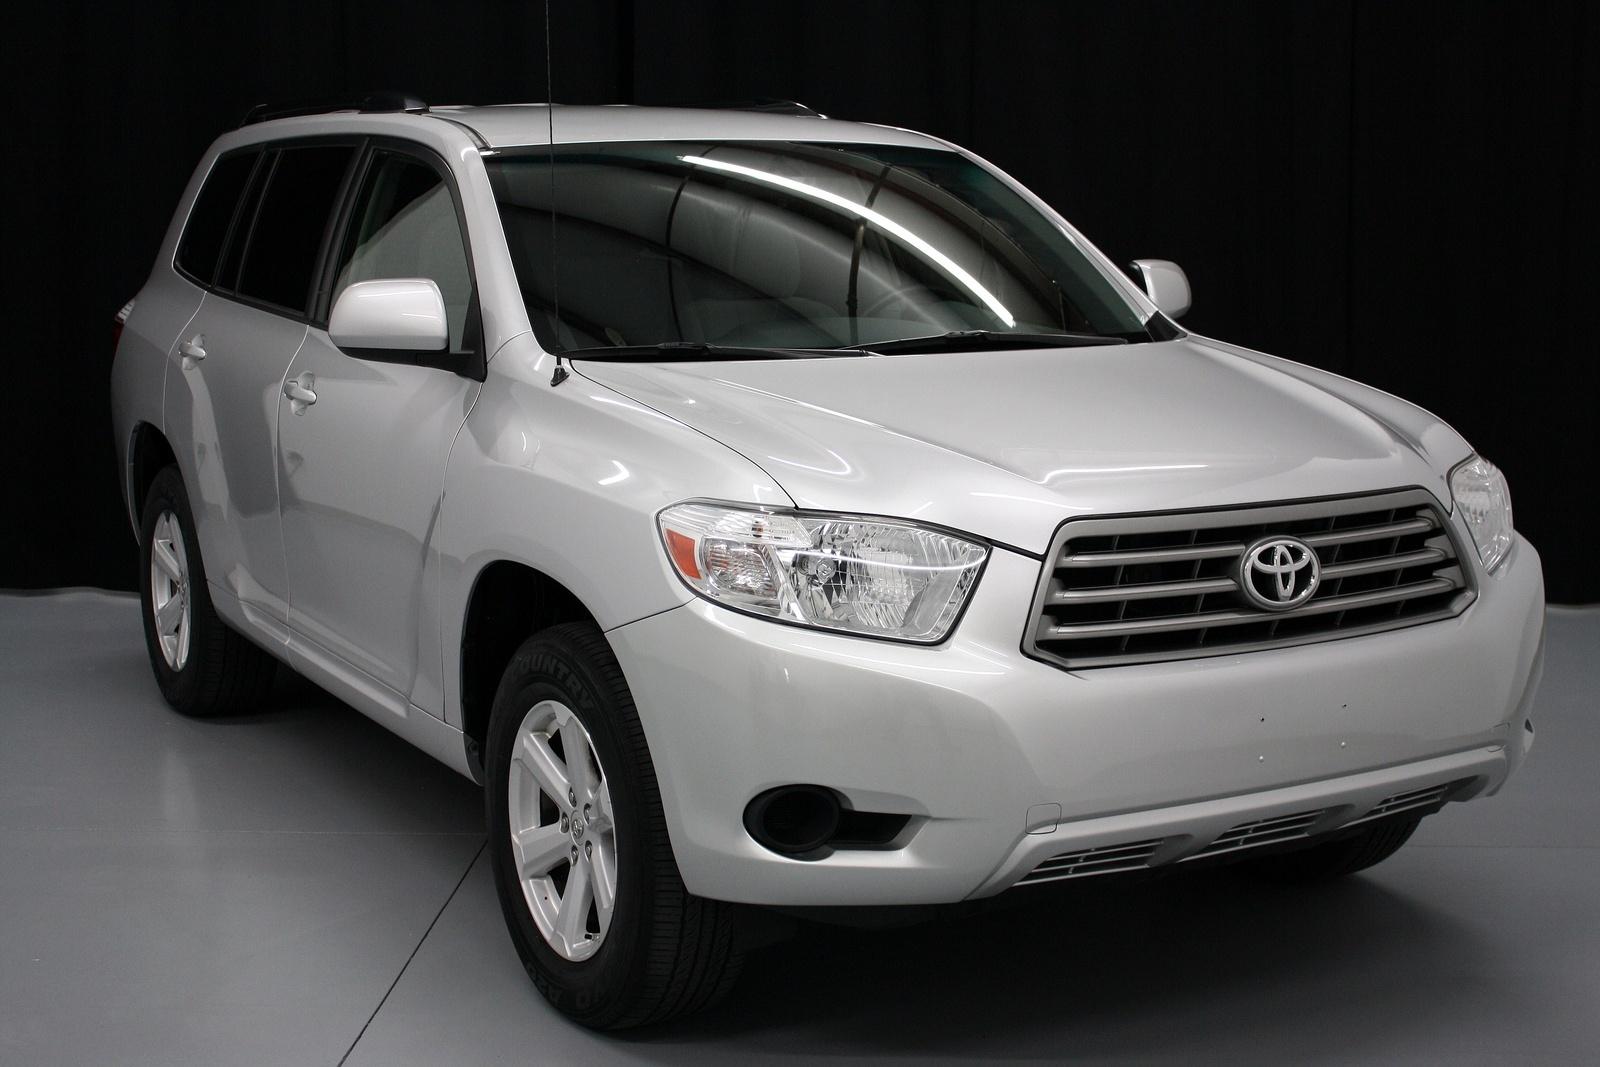 2010 Toyota Highlander Pictures Cargurus